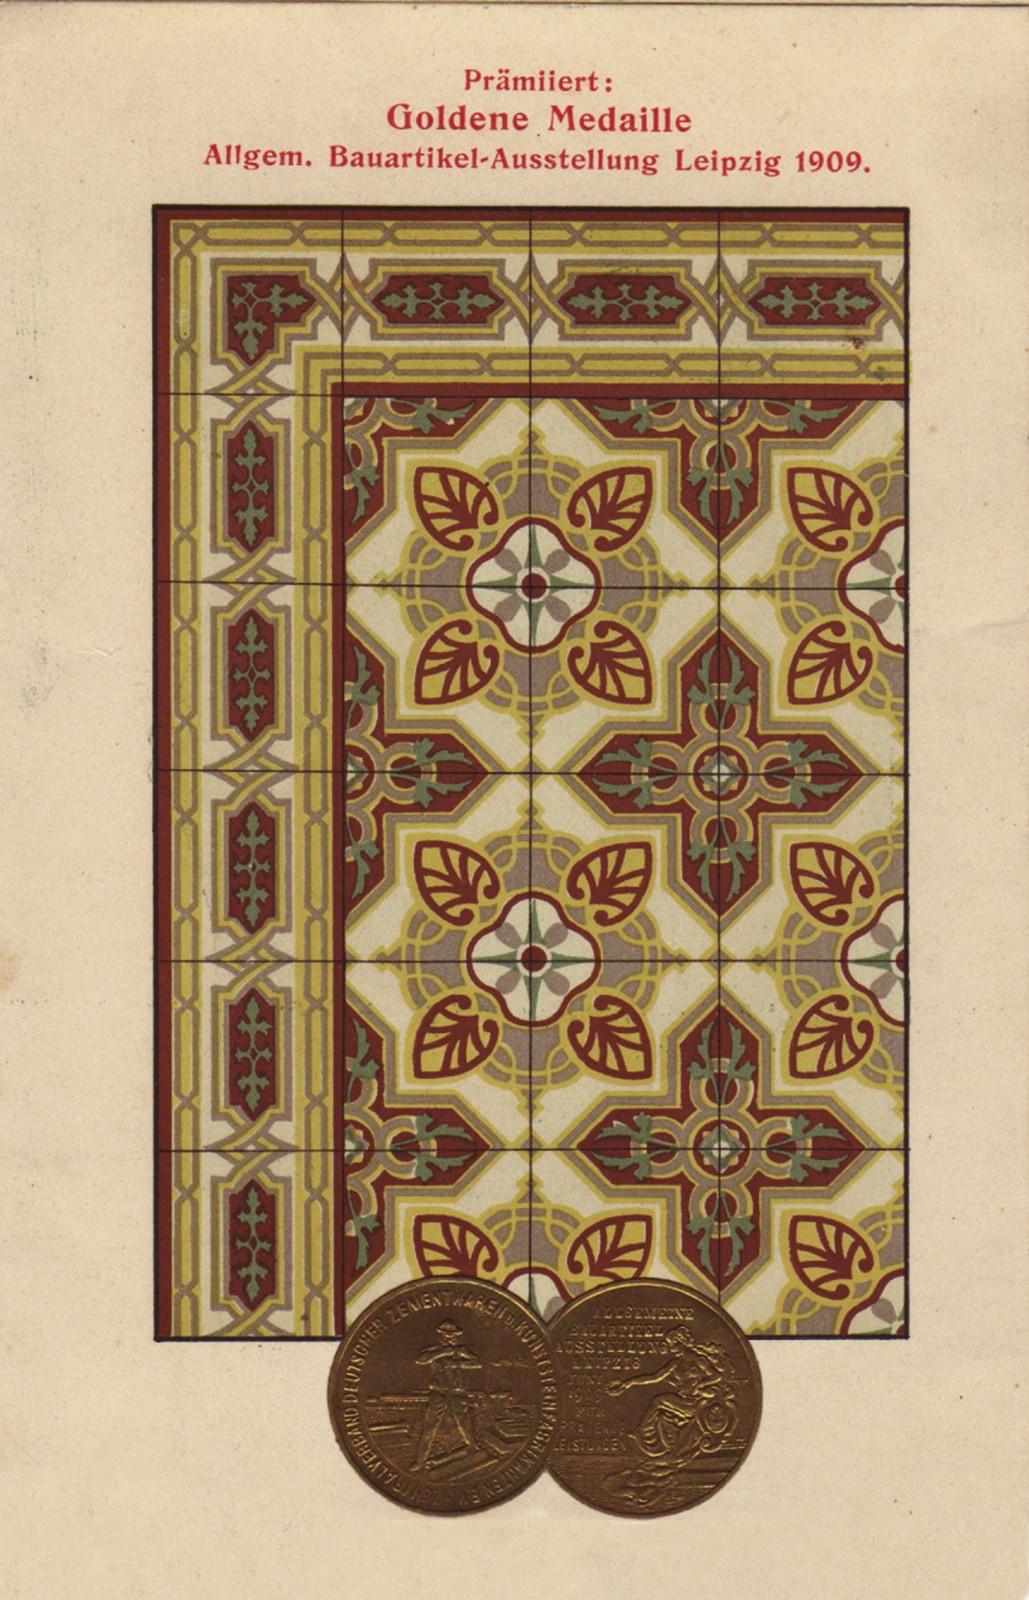 VIA-Platte-nr.40821-emilcarius-viaplatten | 41071